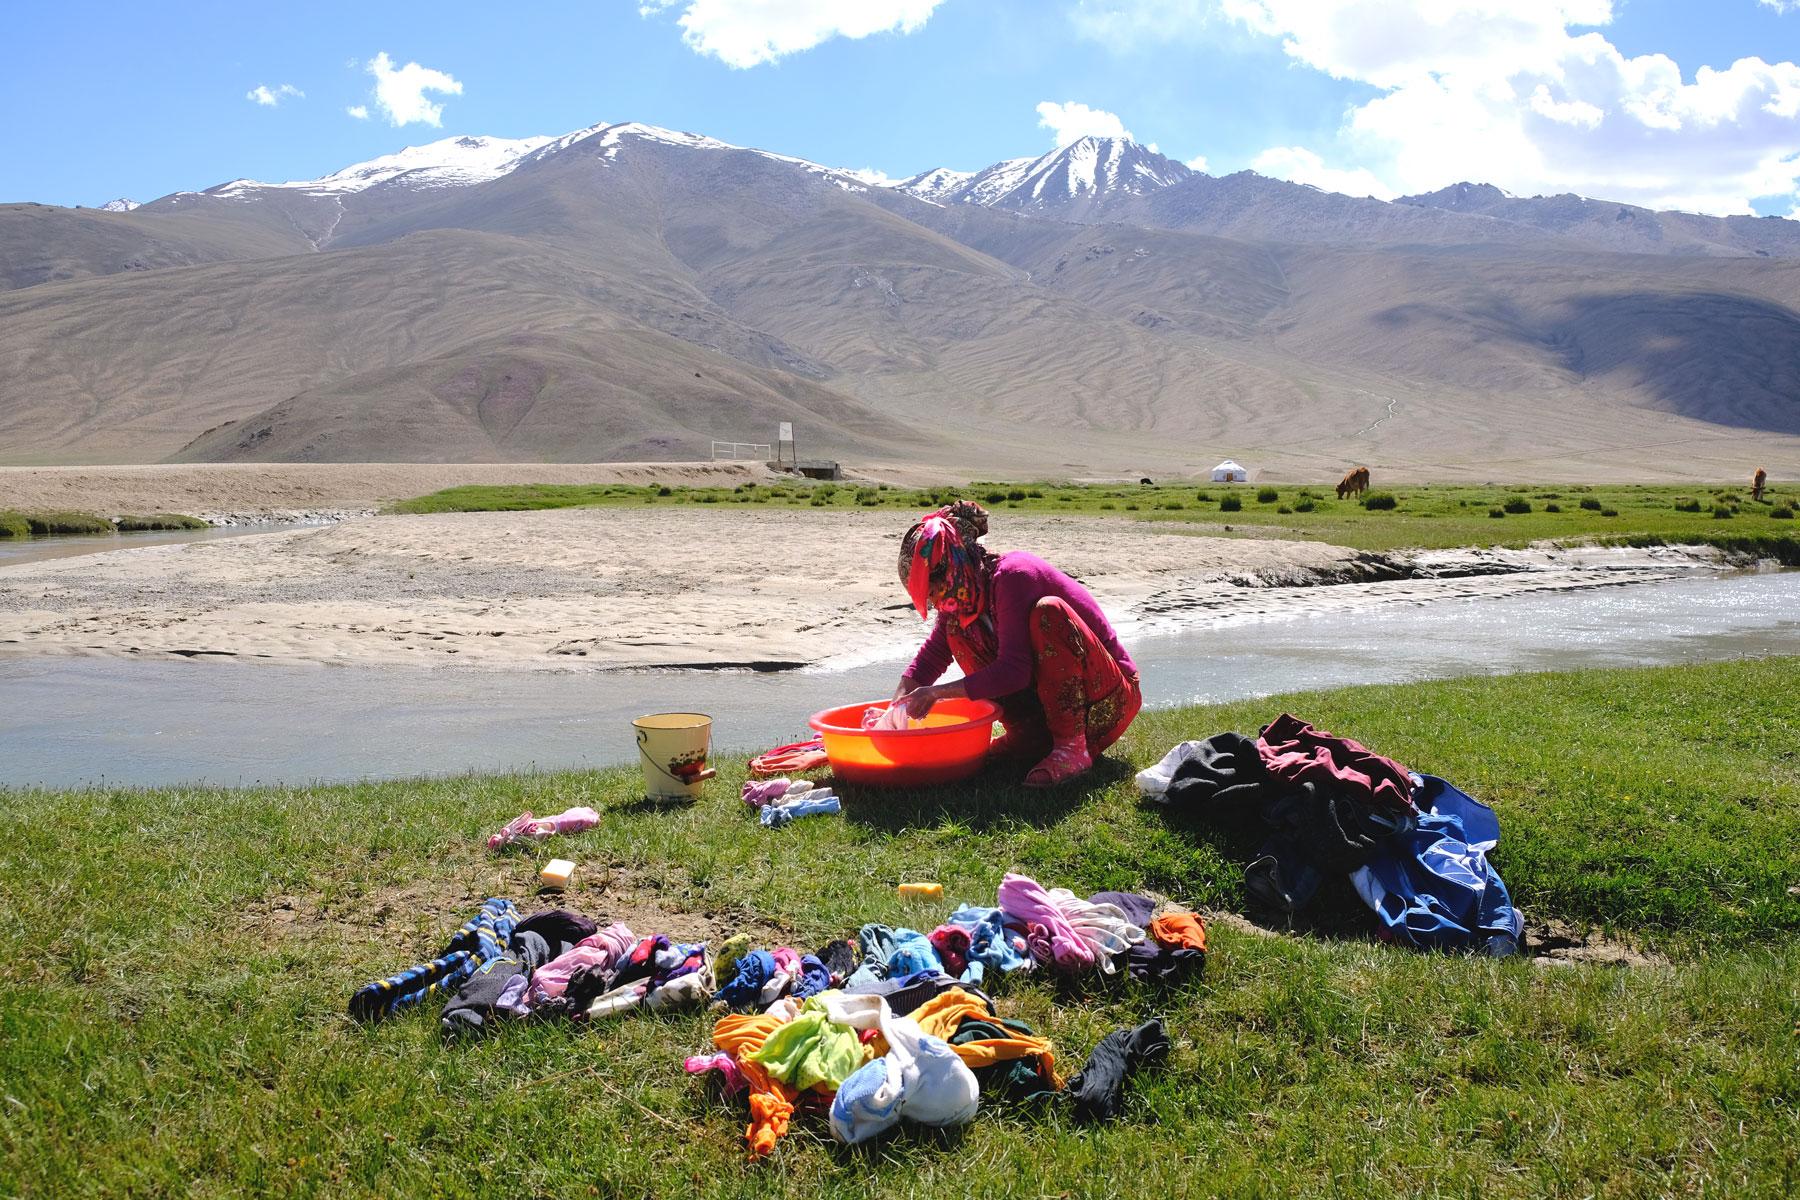 Eine Frau wäscht von Hand Wäsche an einem Fluss.